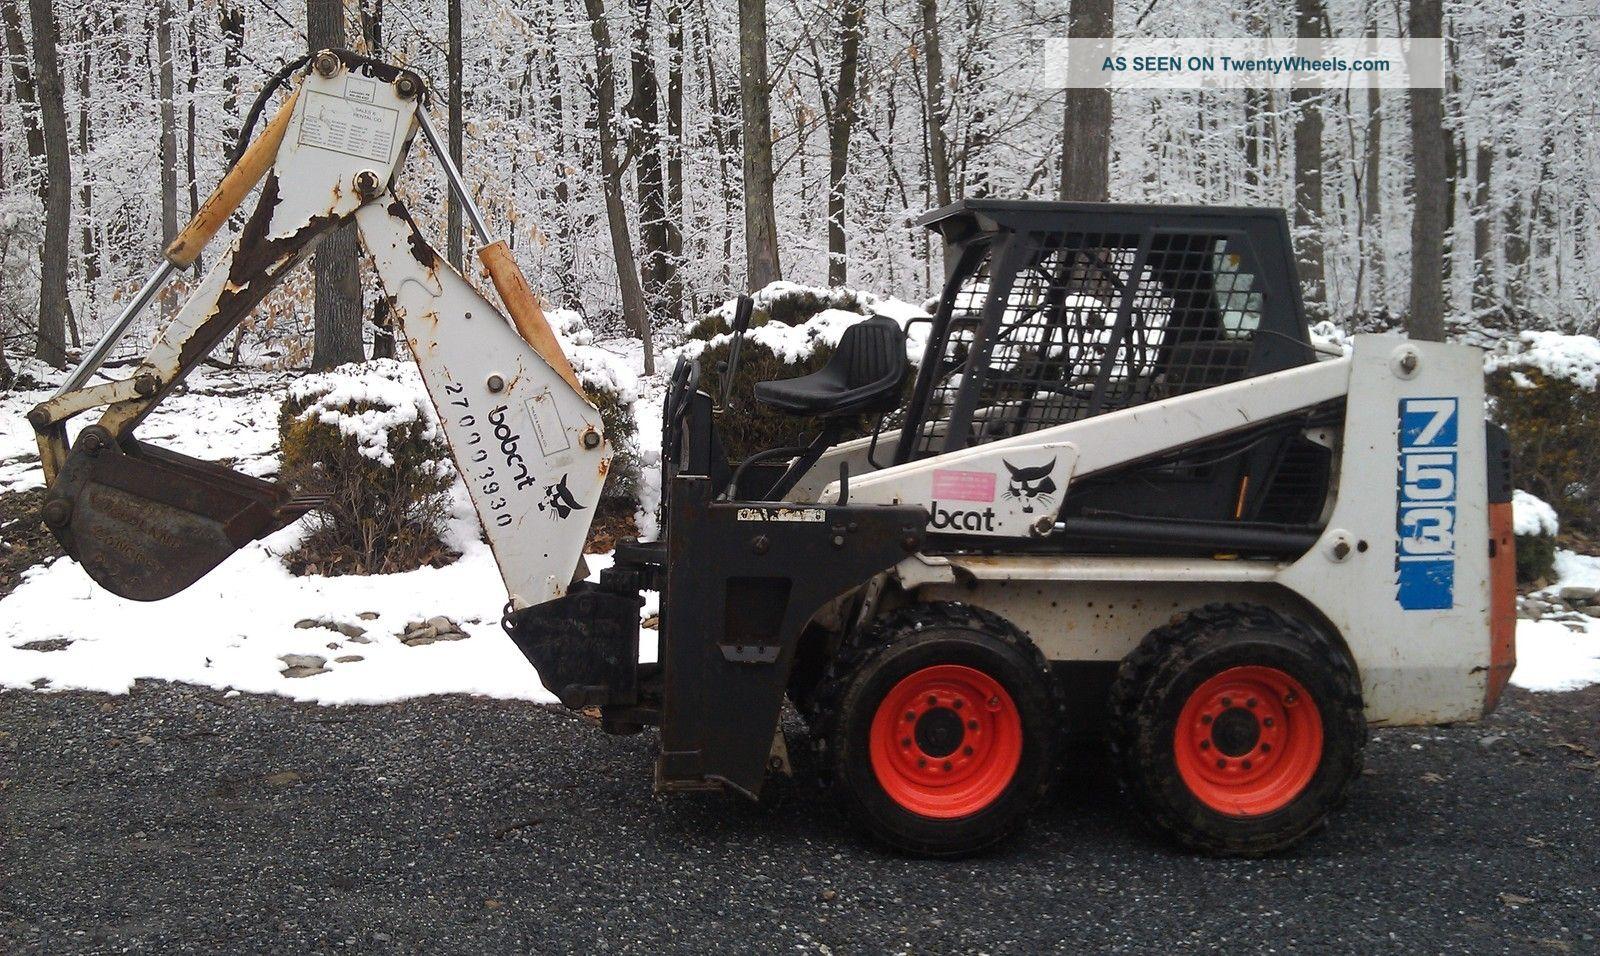 Bobcat 753 Skid Steer Loader With 709 Backhoe Attachment